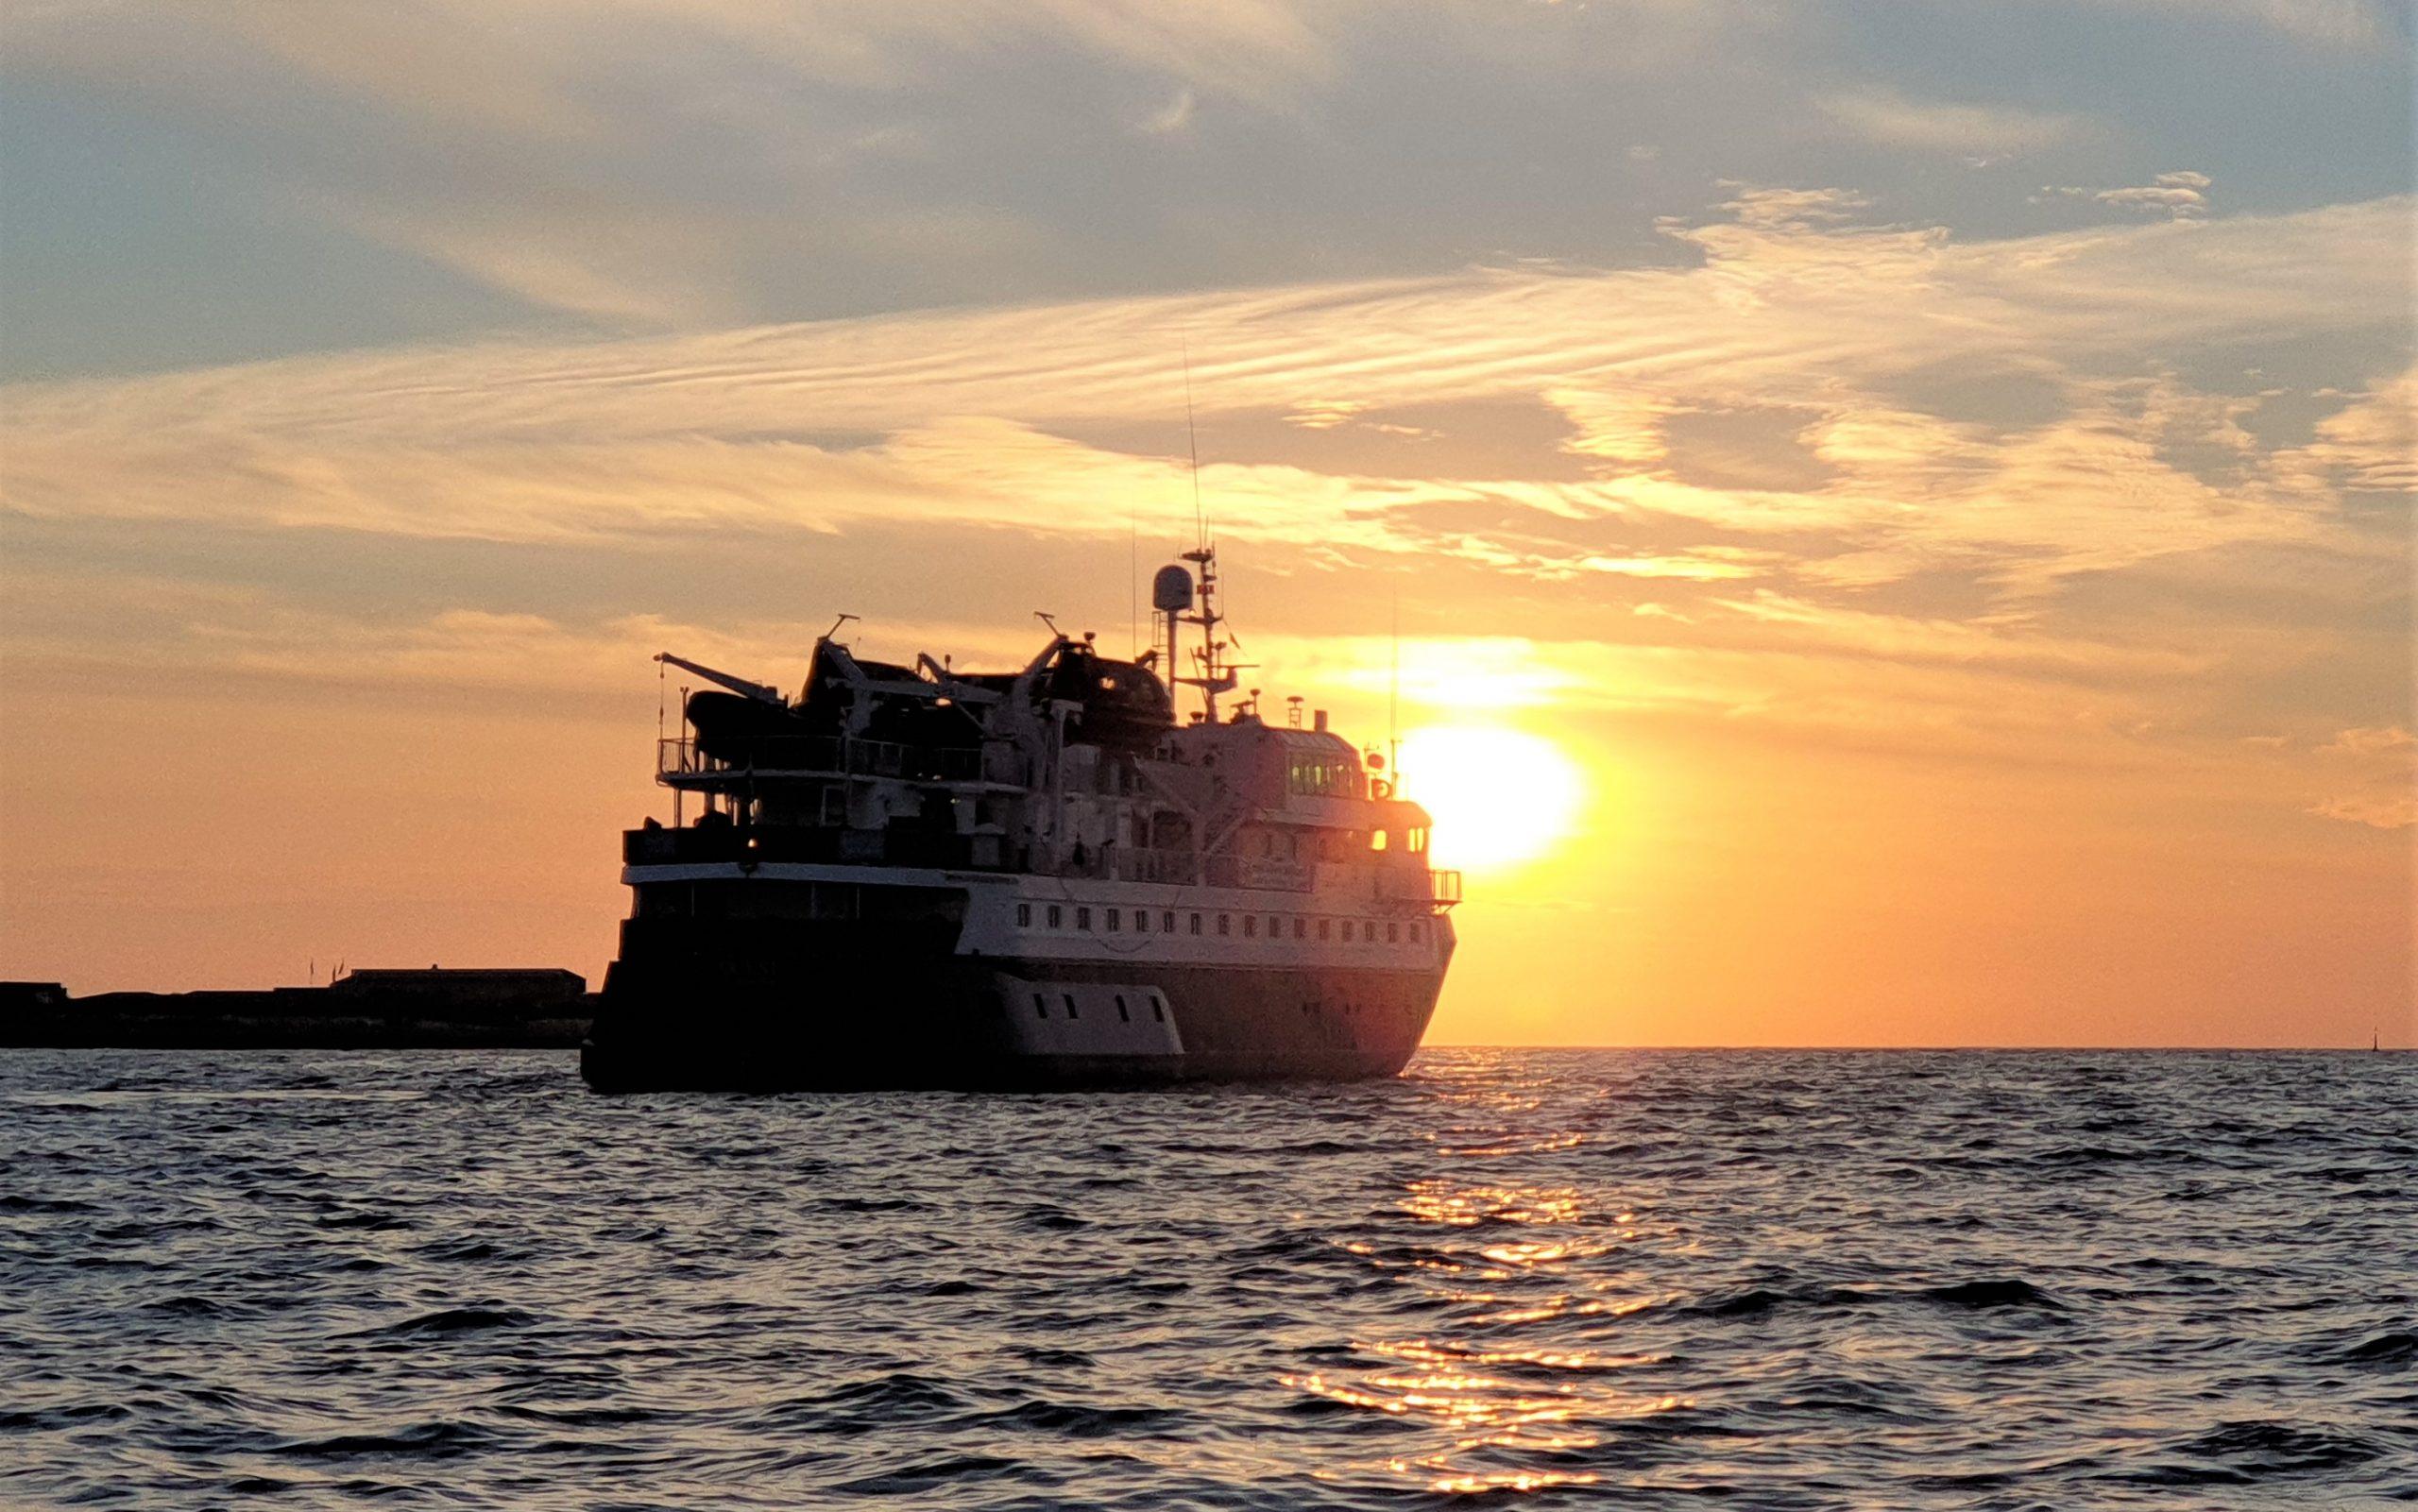 Reportage über eine Expedition mit dem Kreuzfahrtschiff Quest durch das Wattenmeer ab/bis Hamburg nach Helgoland, Sylt, Amrum & den Halligen